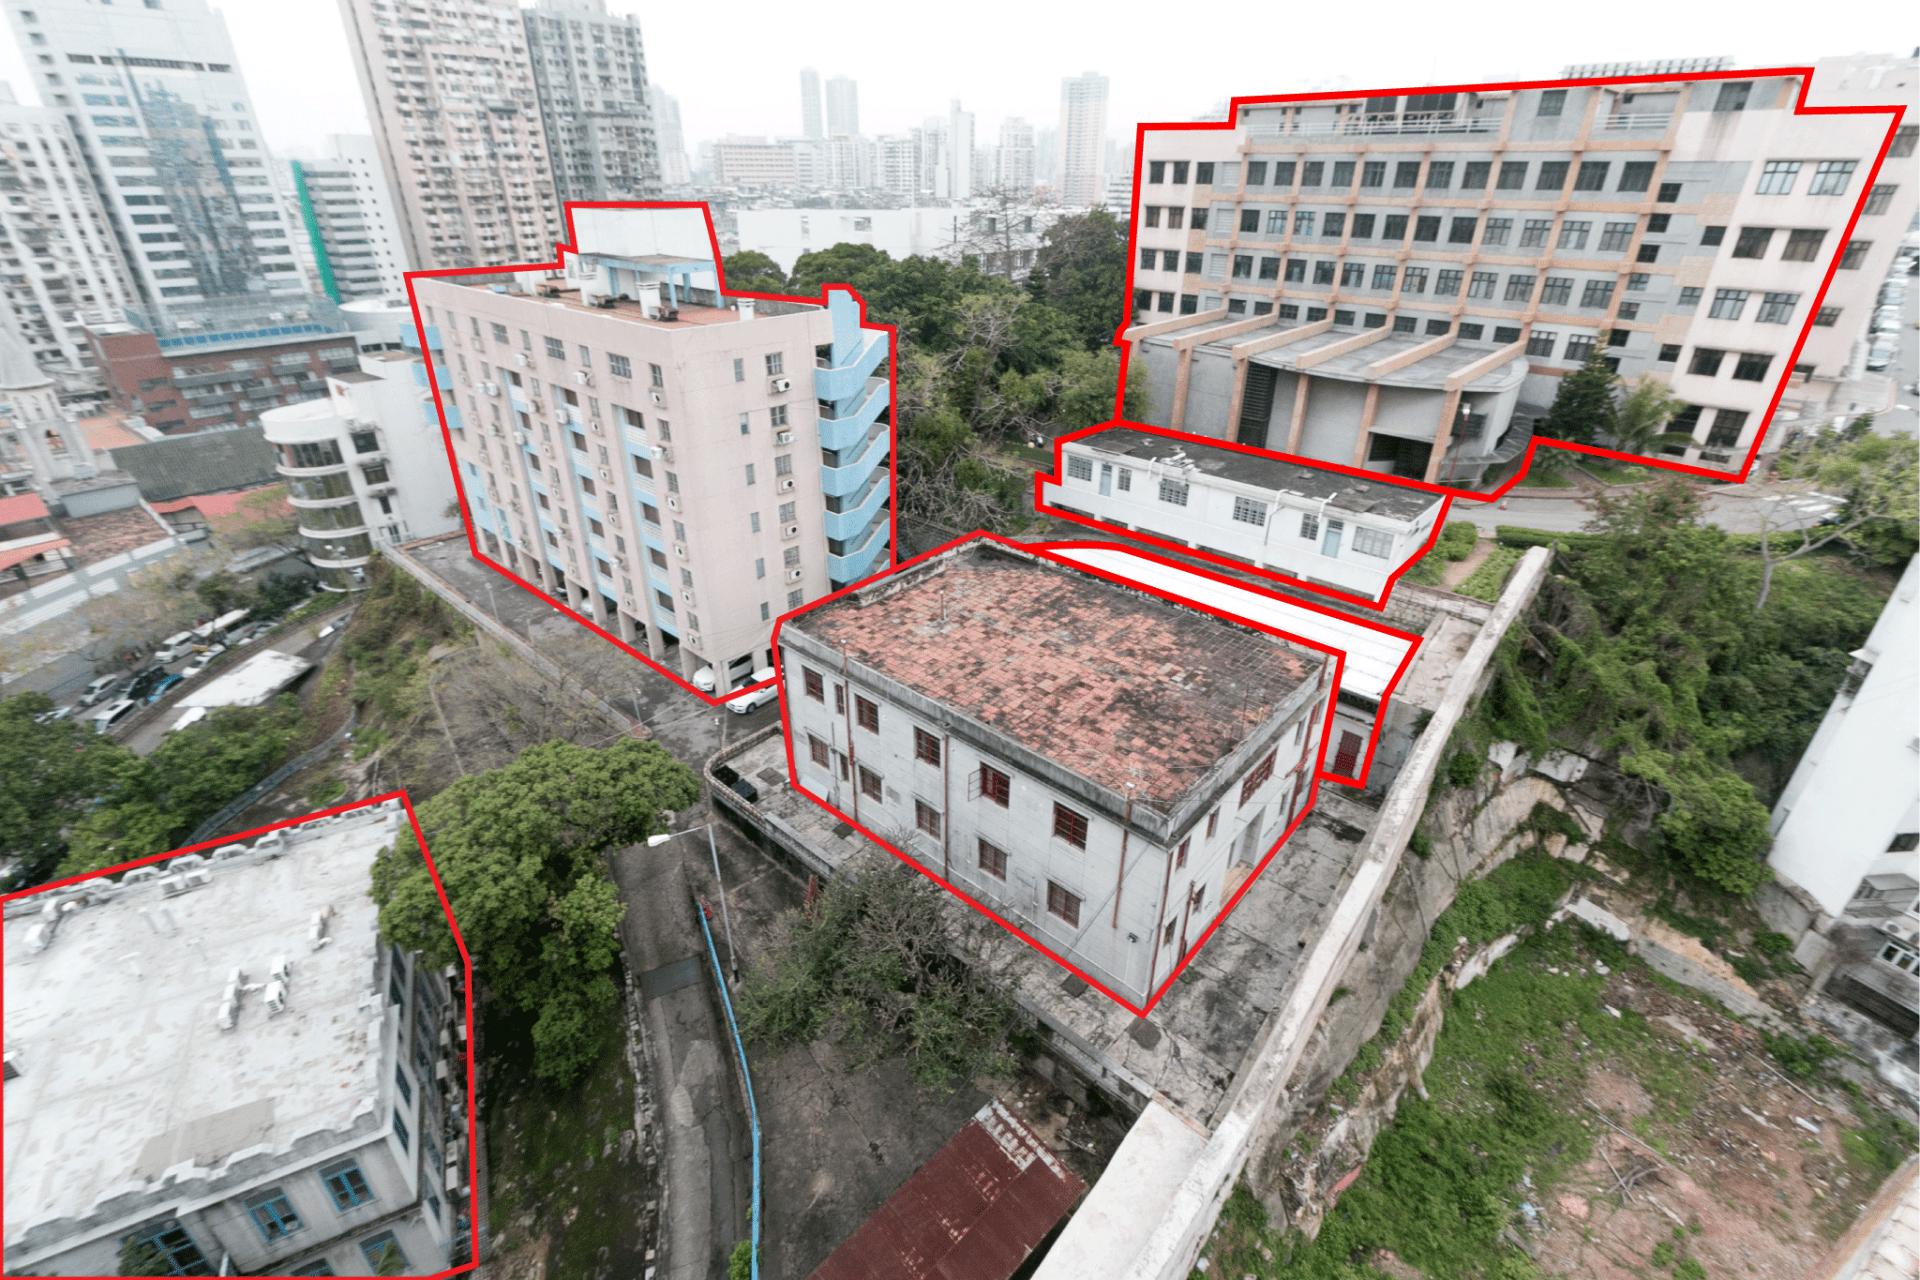 傳染病大樓選址內6棟建築物將被拆除(如圖紅框所示)